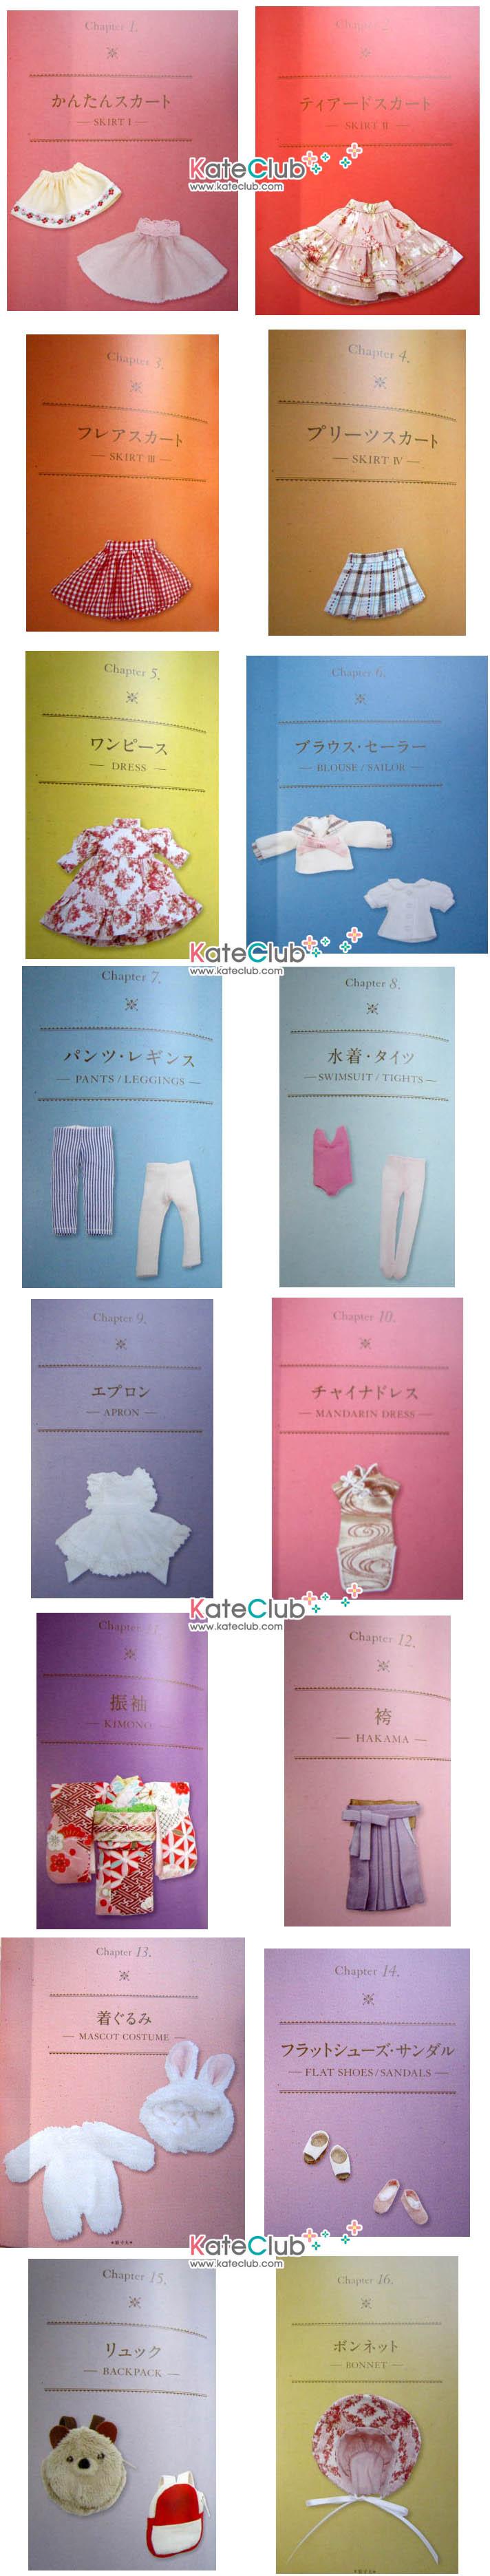 หนังสือสอนตัดชุดตุ๊กตา Obitsu Body 11 cm